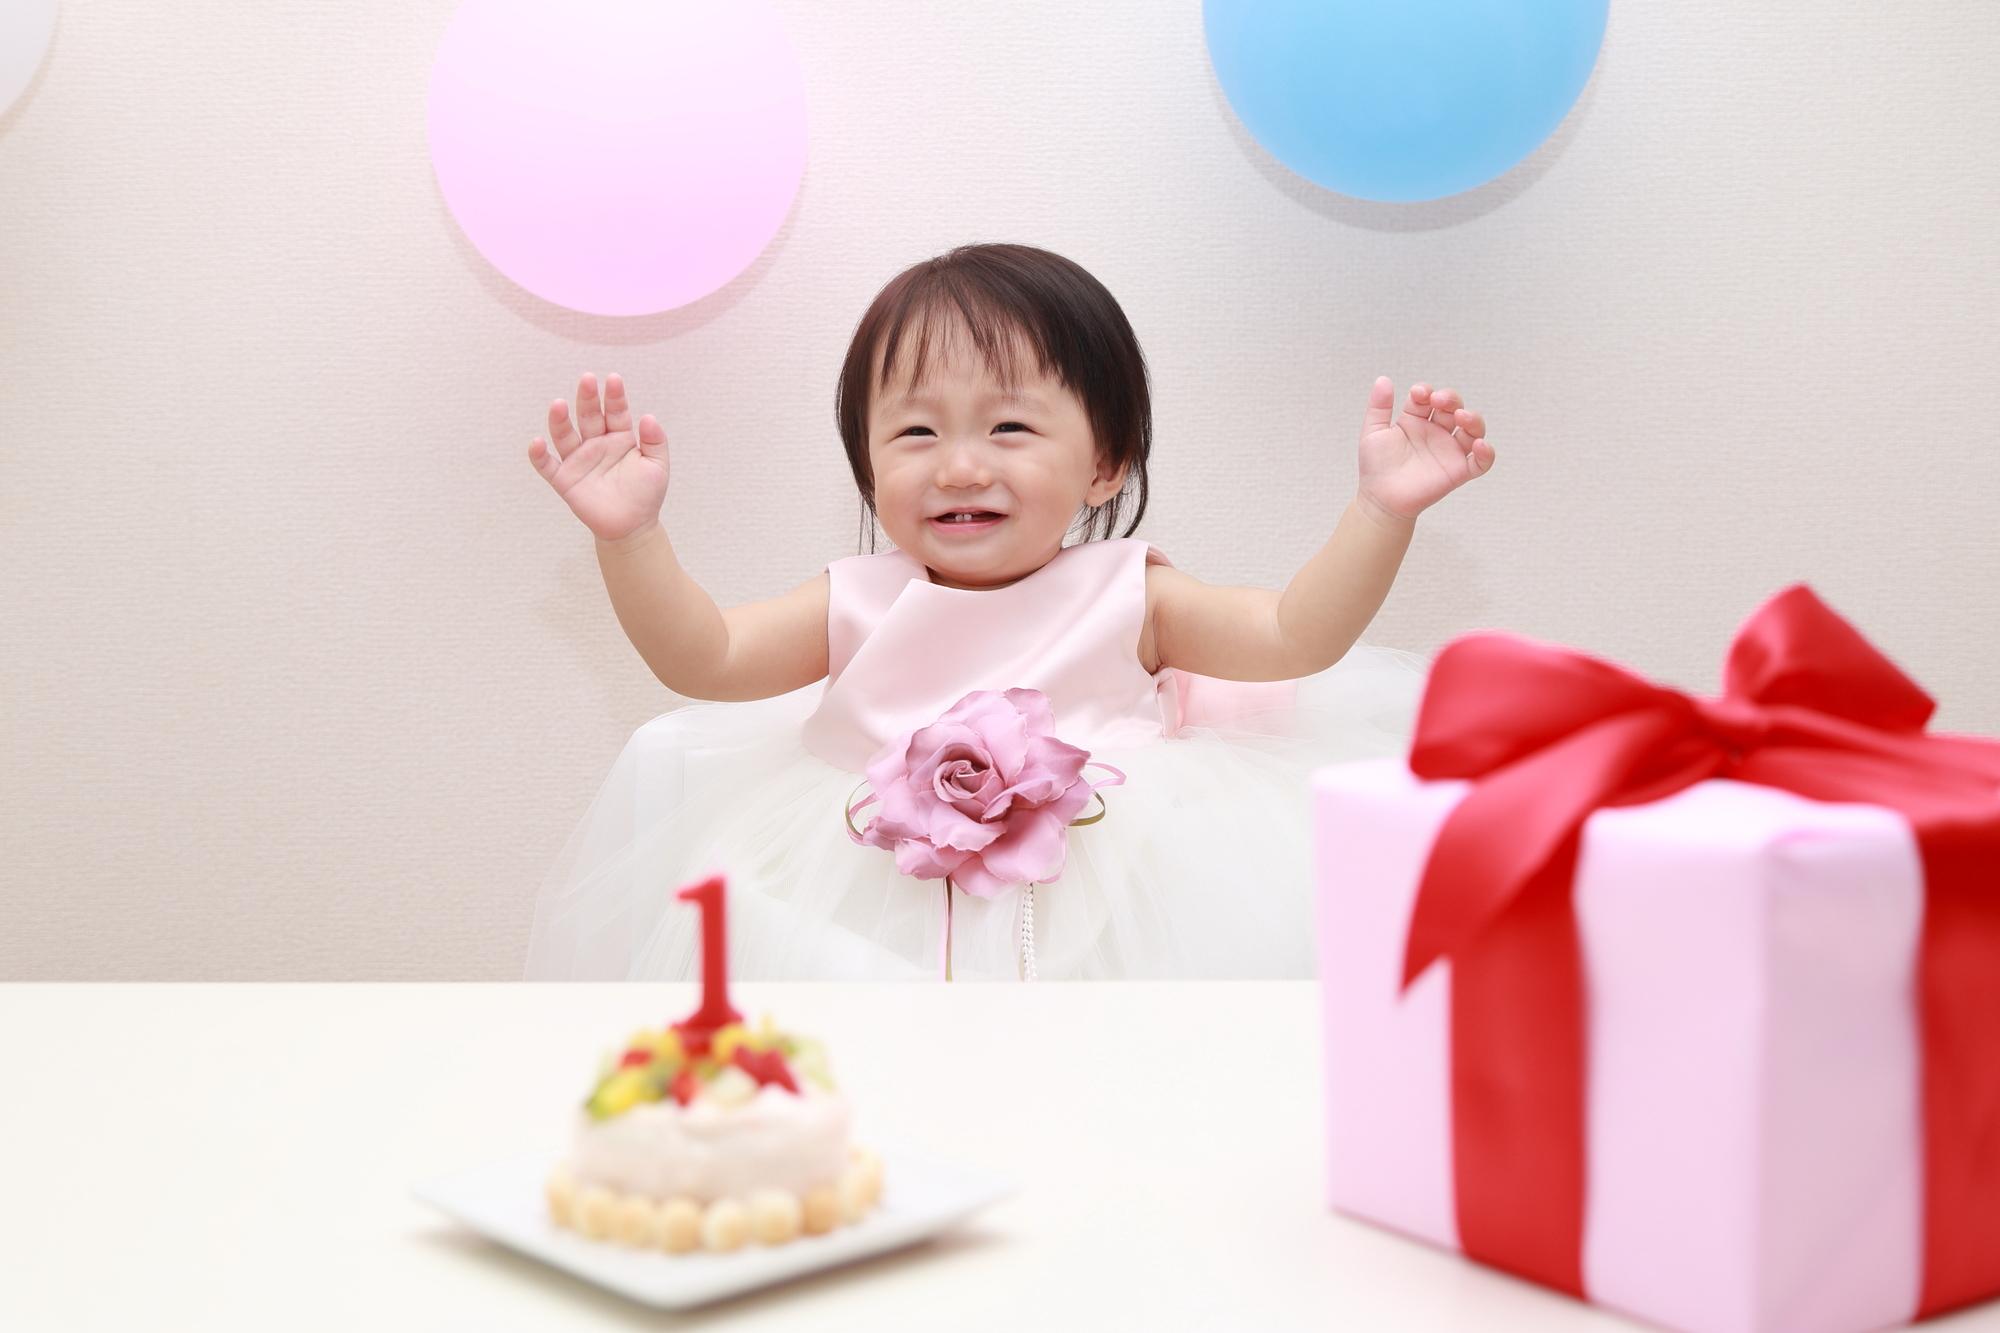 【1歳の誕生日のメッセージ例文集】思い出と感動を伝えよう。お祝い方法のアドバイスも